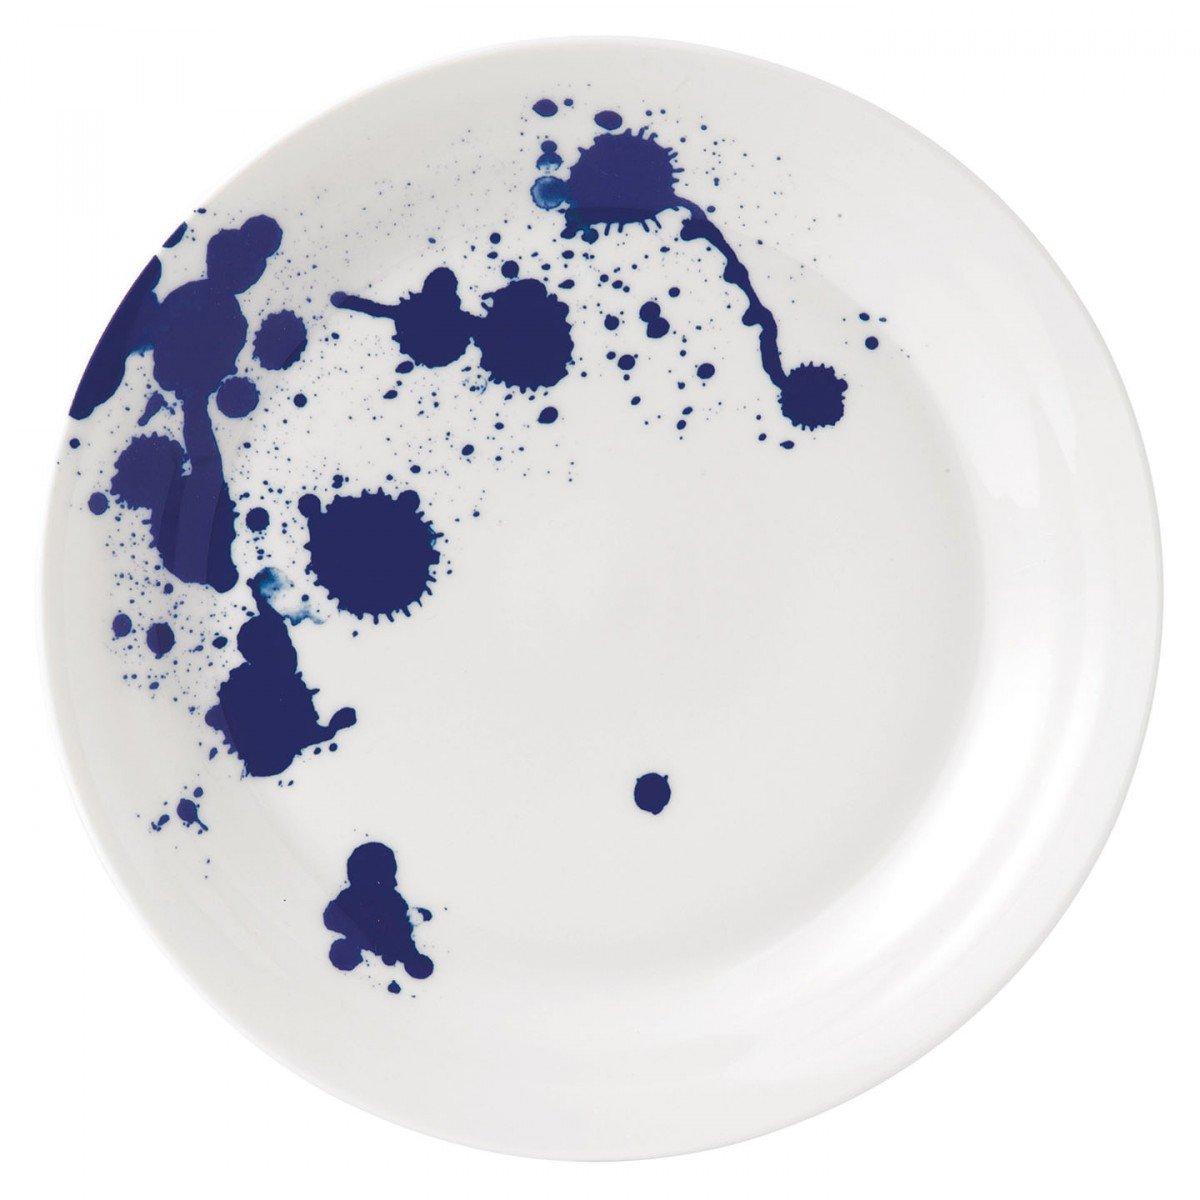 Royal Doulton - Speisetelle - Essteller - Pacific - Splash - Porzellan - Ø 28cm